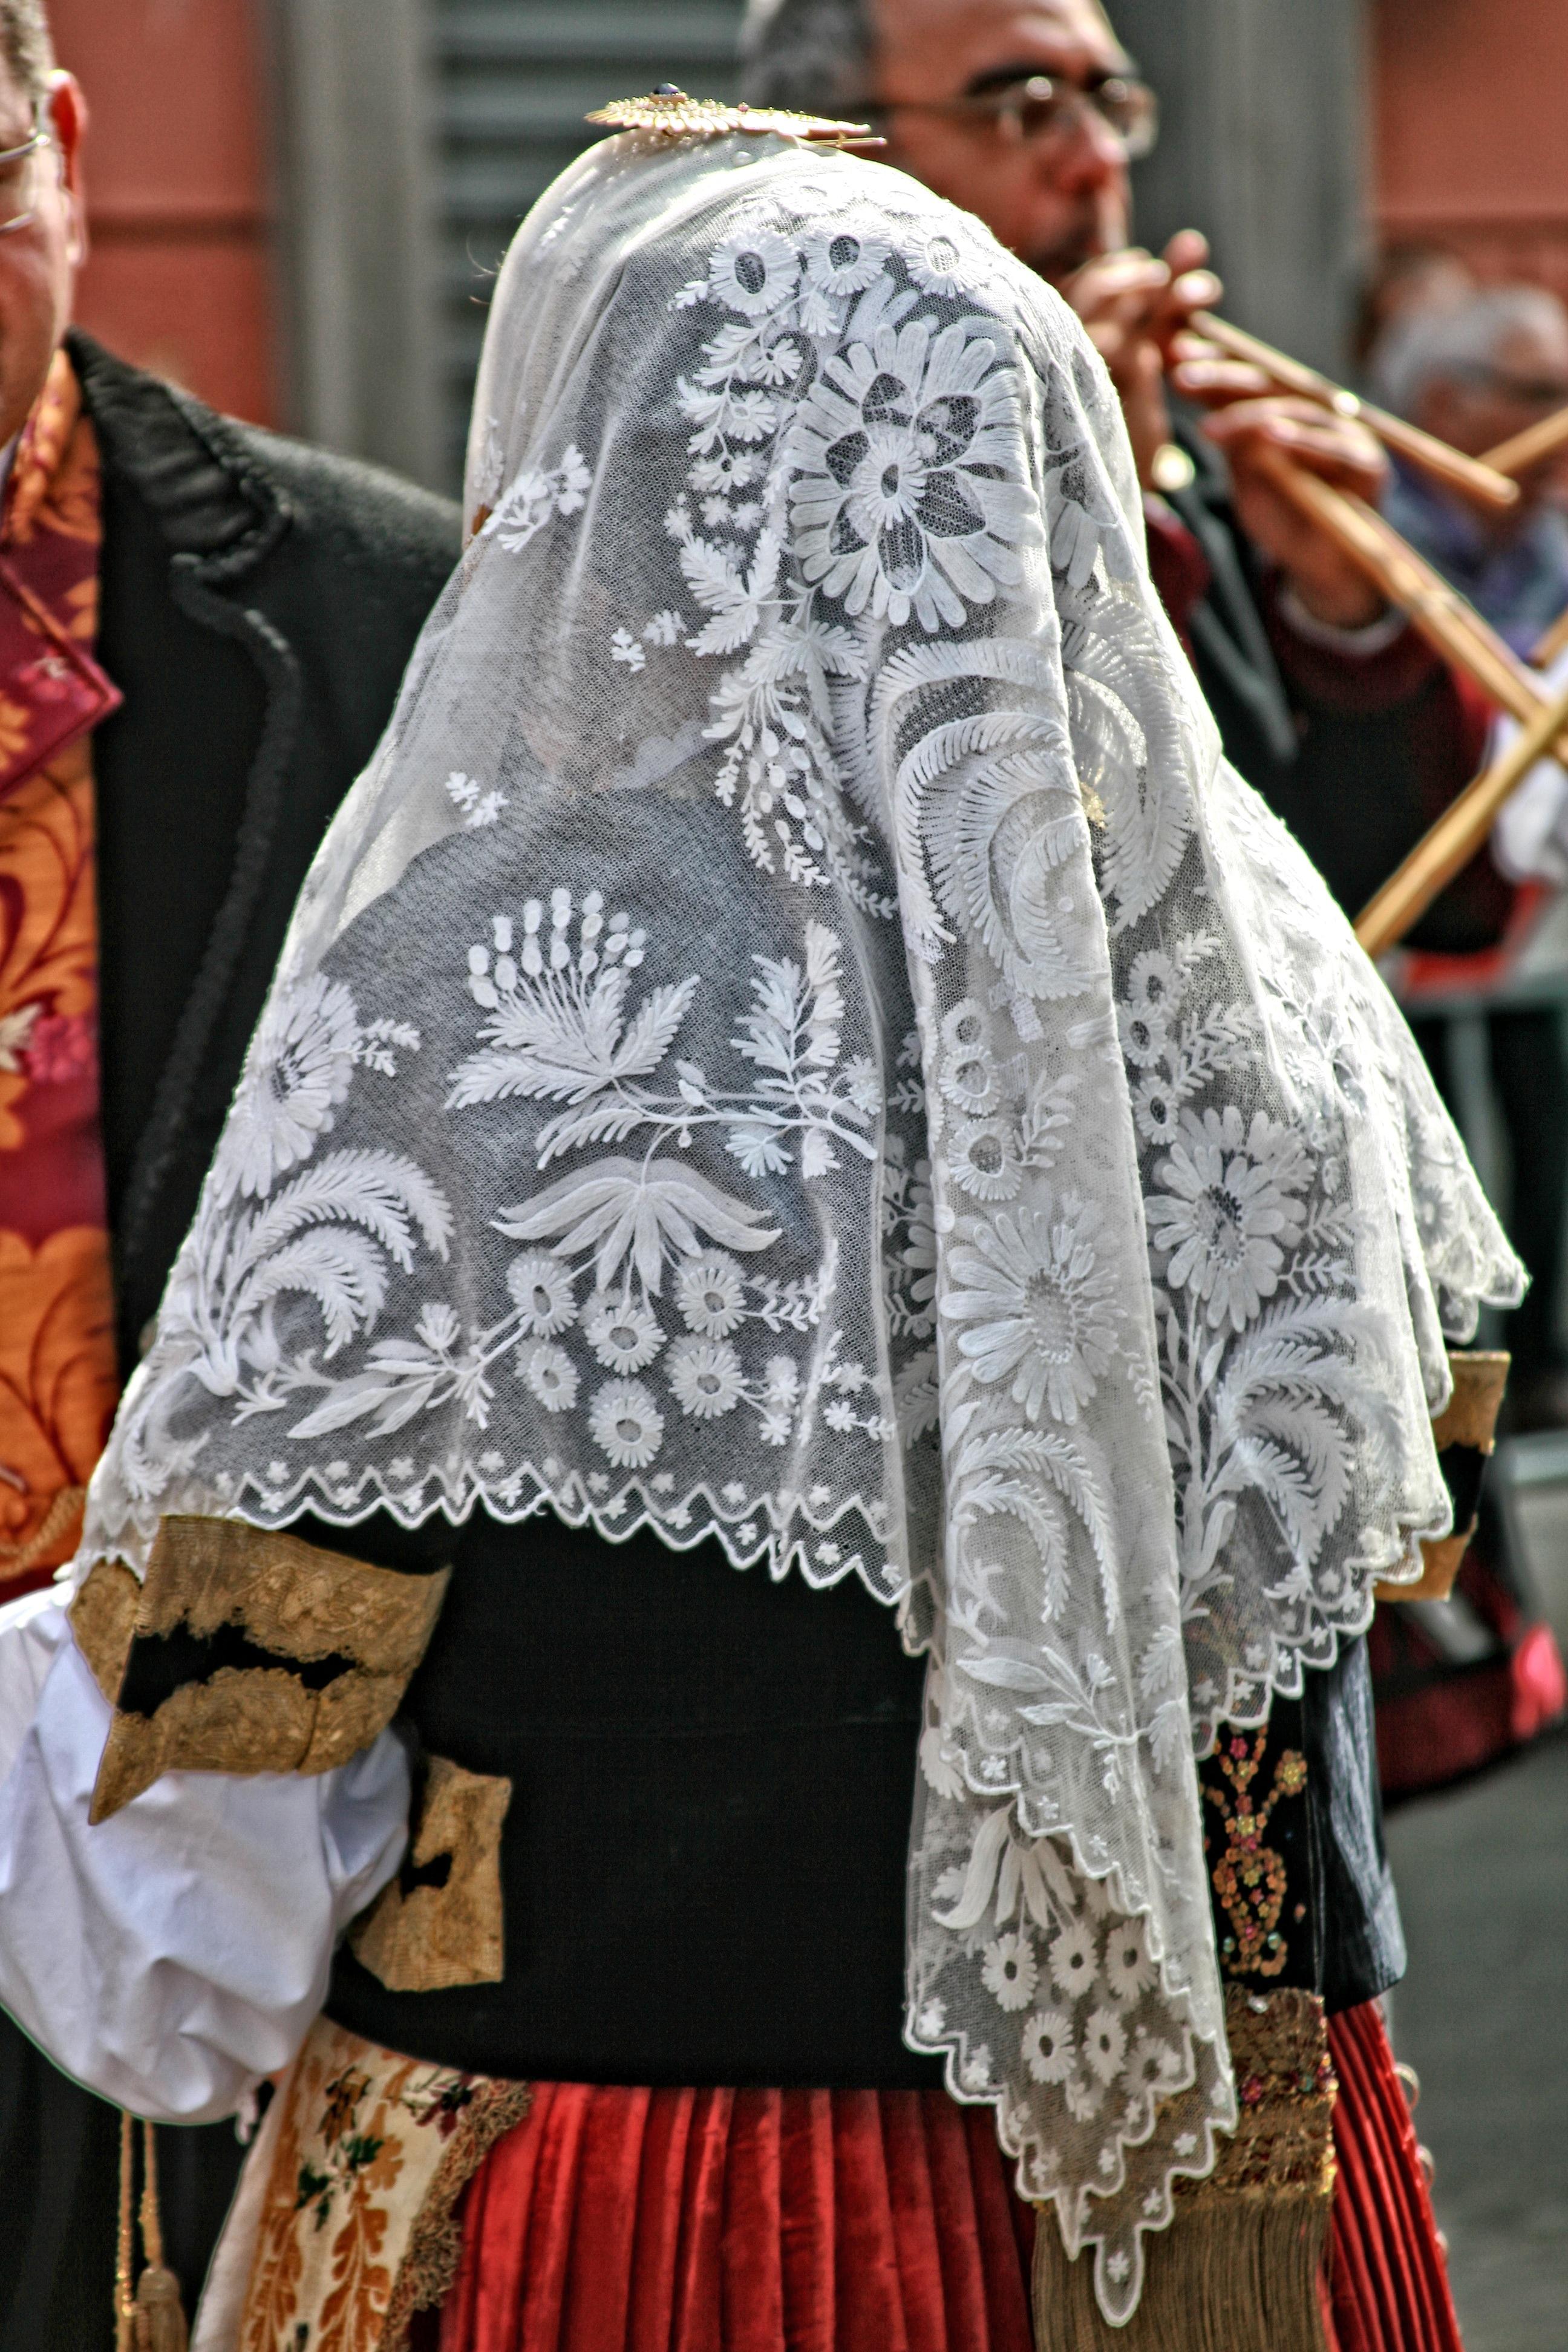 bakgrundsbilder italien mode kl der ytterkl der textil kl nning tradition kostym. Black Bedroom Furniture Sets. Home Design Ideas